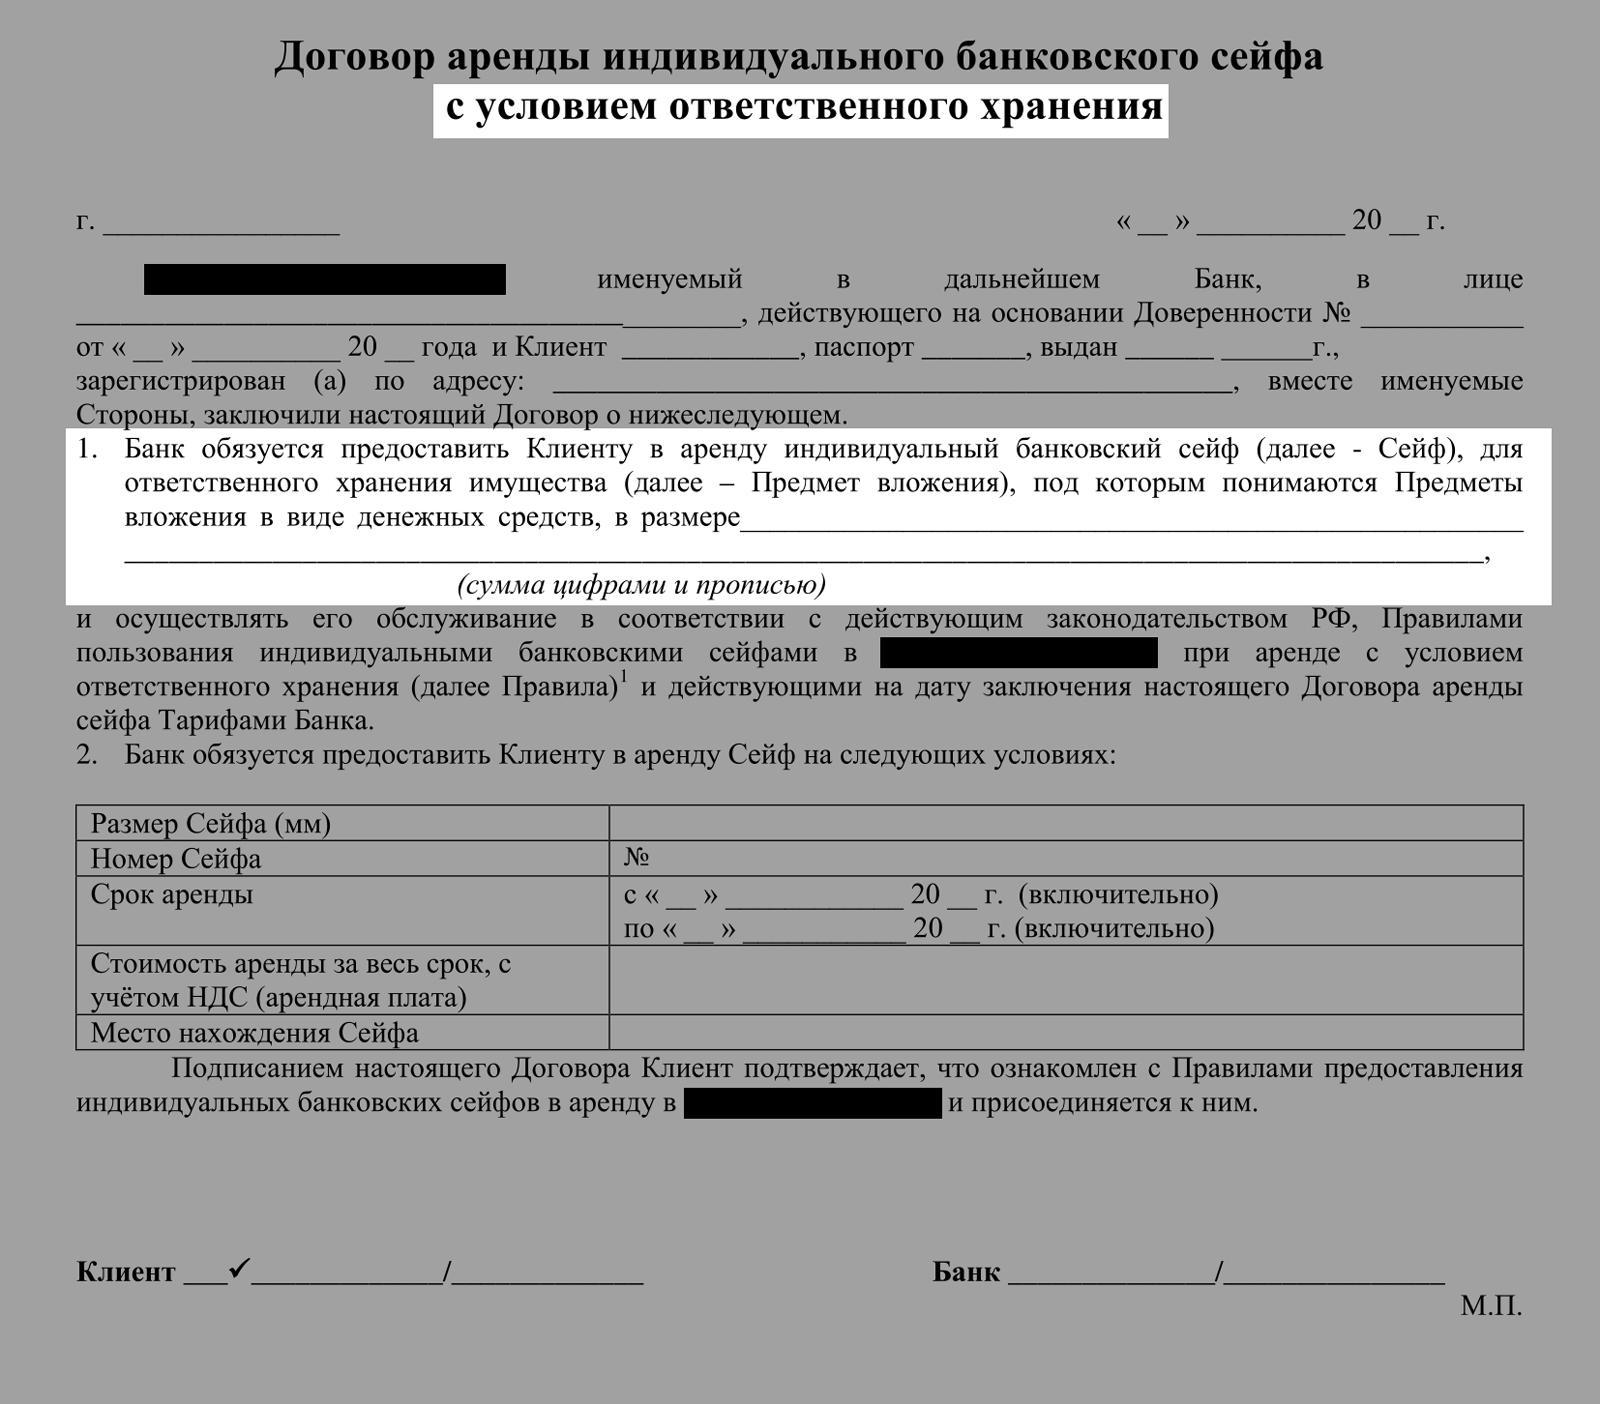 Пример договора аренды индивидуального банковского сейфа с условием ответственного хранения и указанием предметов вложения (денежные средства)